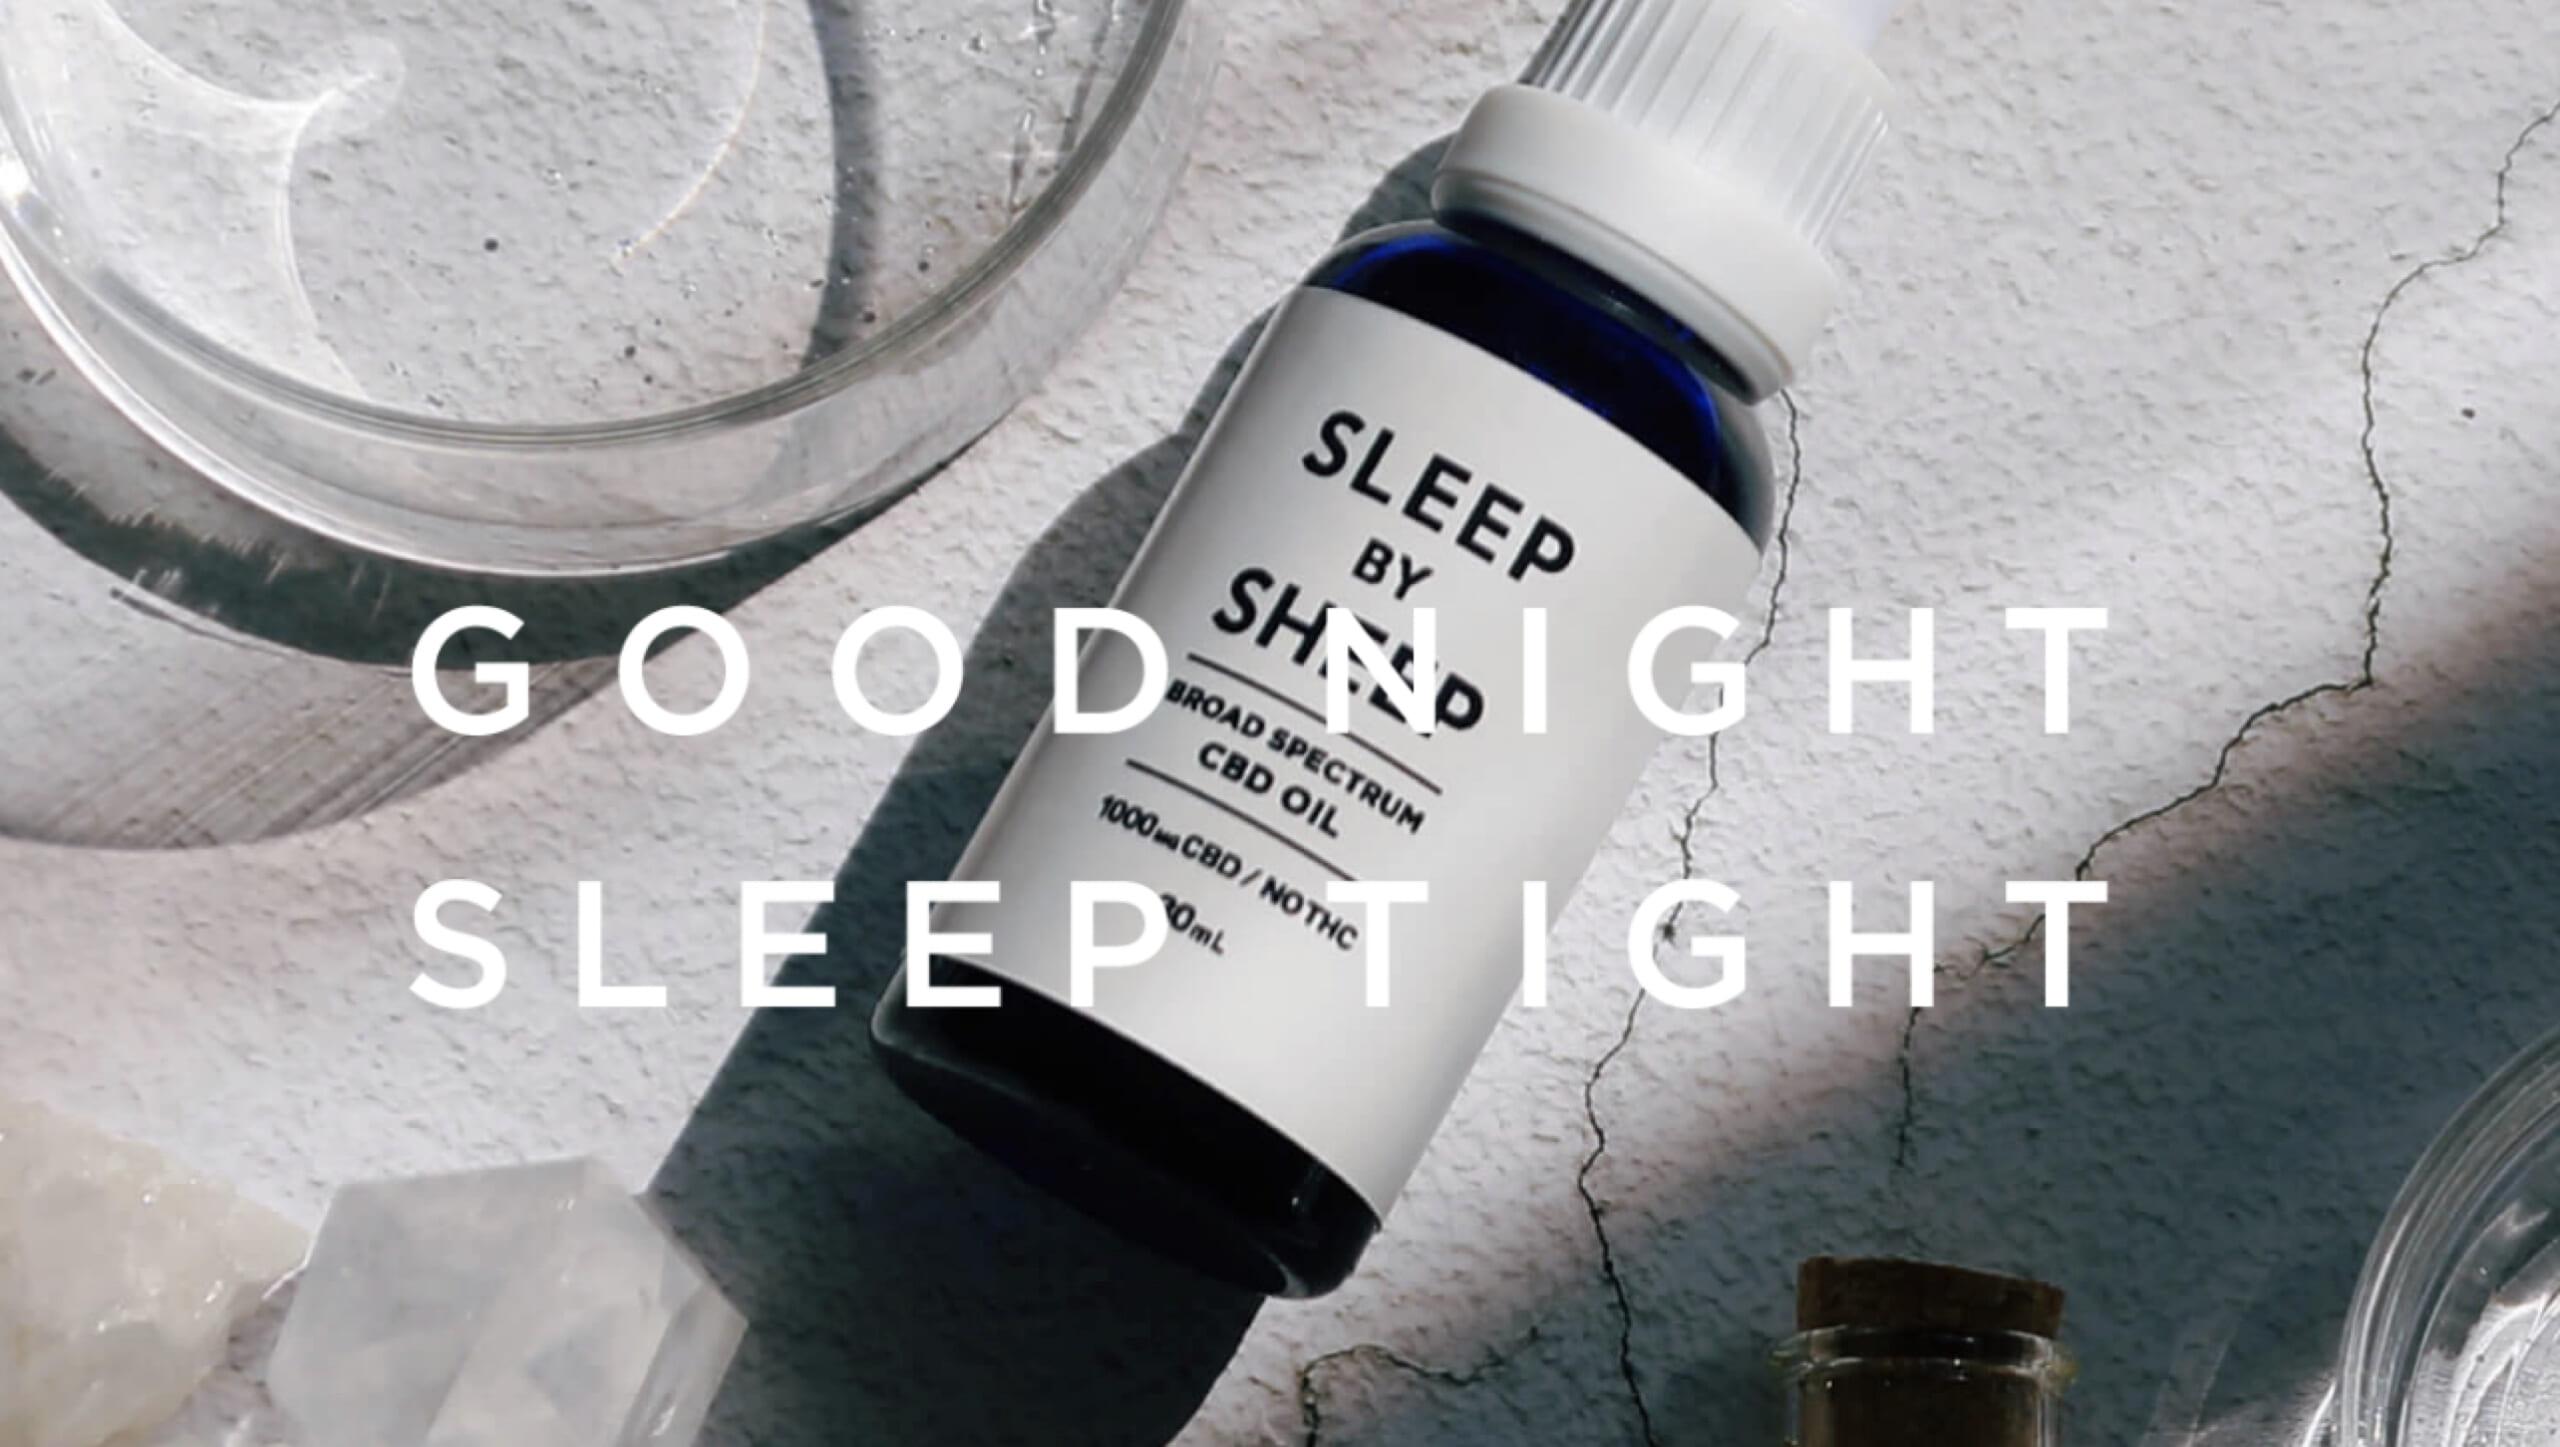 sleep by sheep CBDのトップページのスクリーンショット